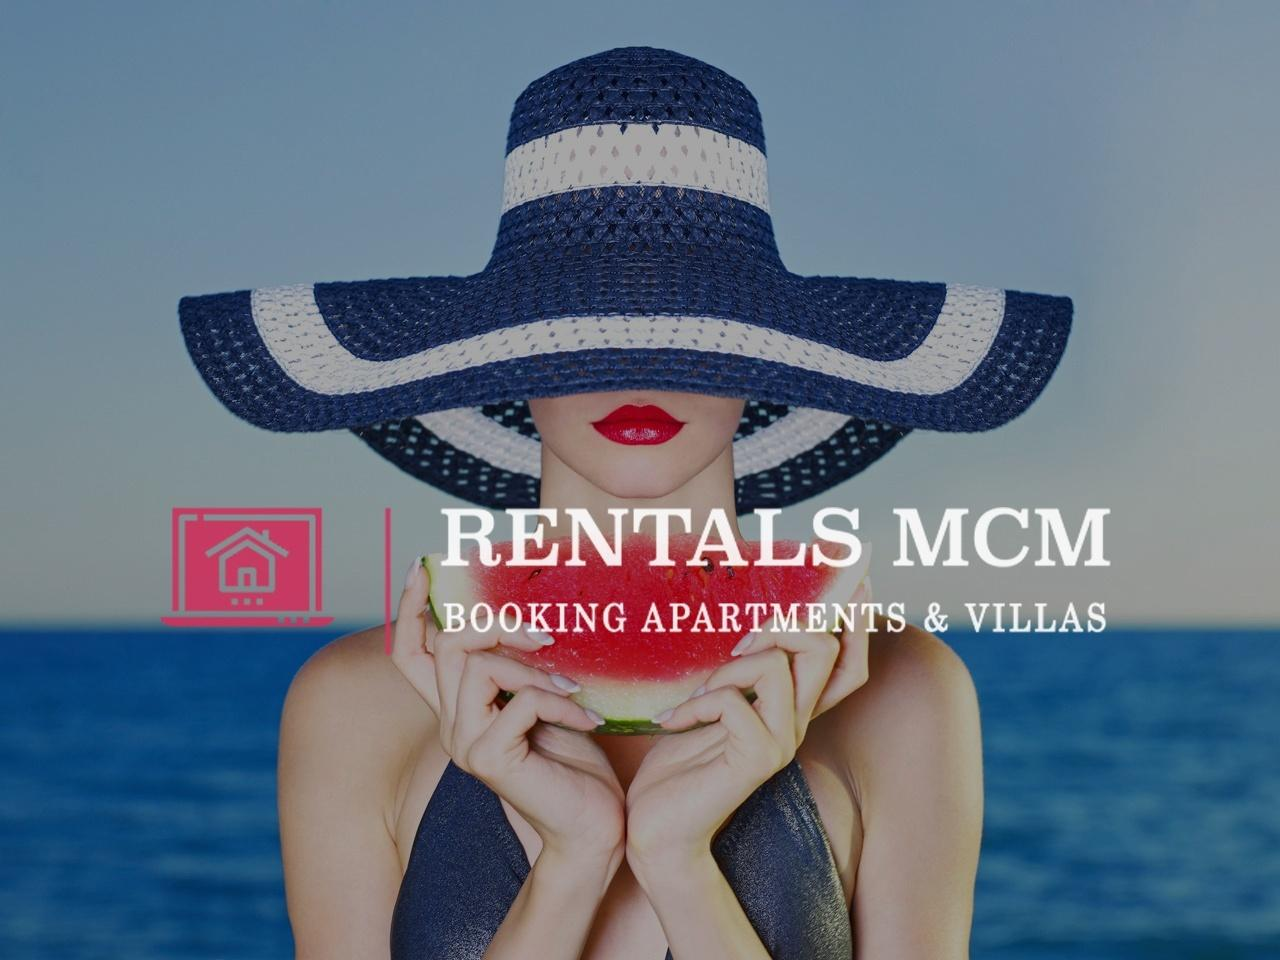 Contact Rentals MCM